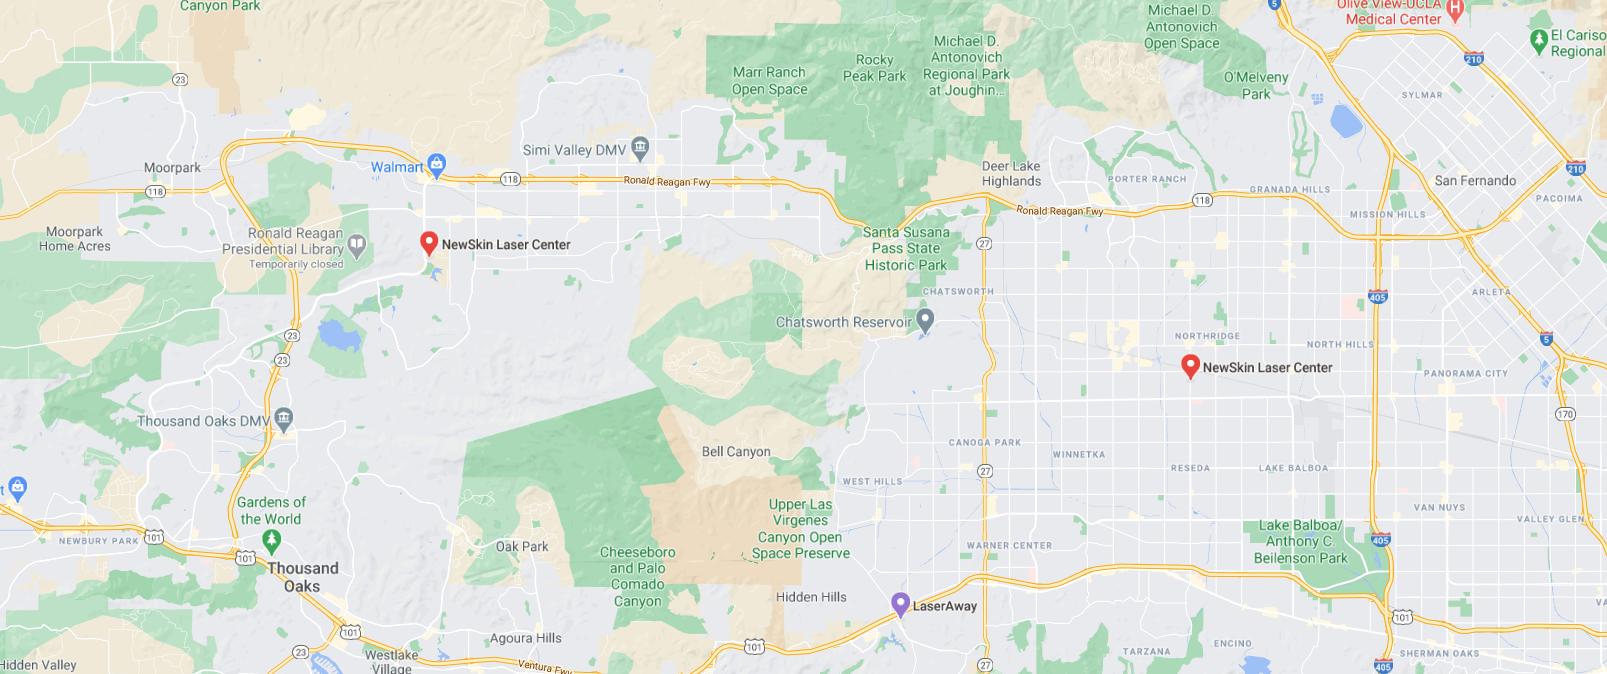 new skin laser center on map